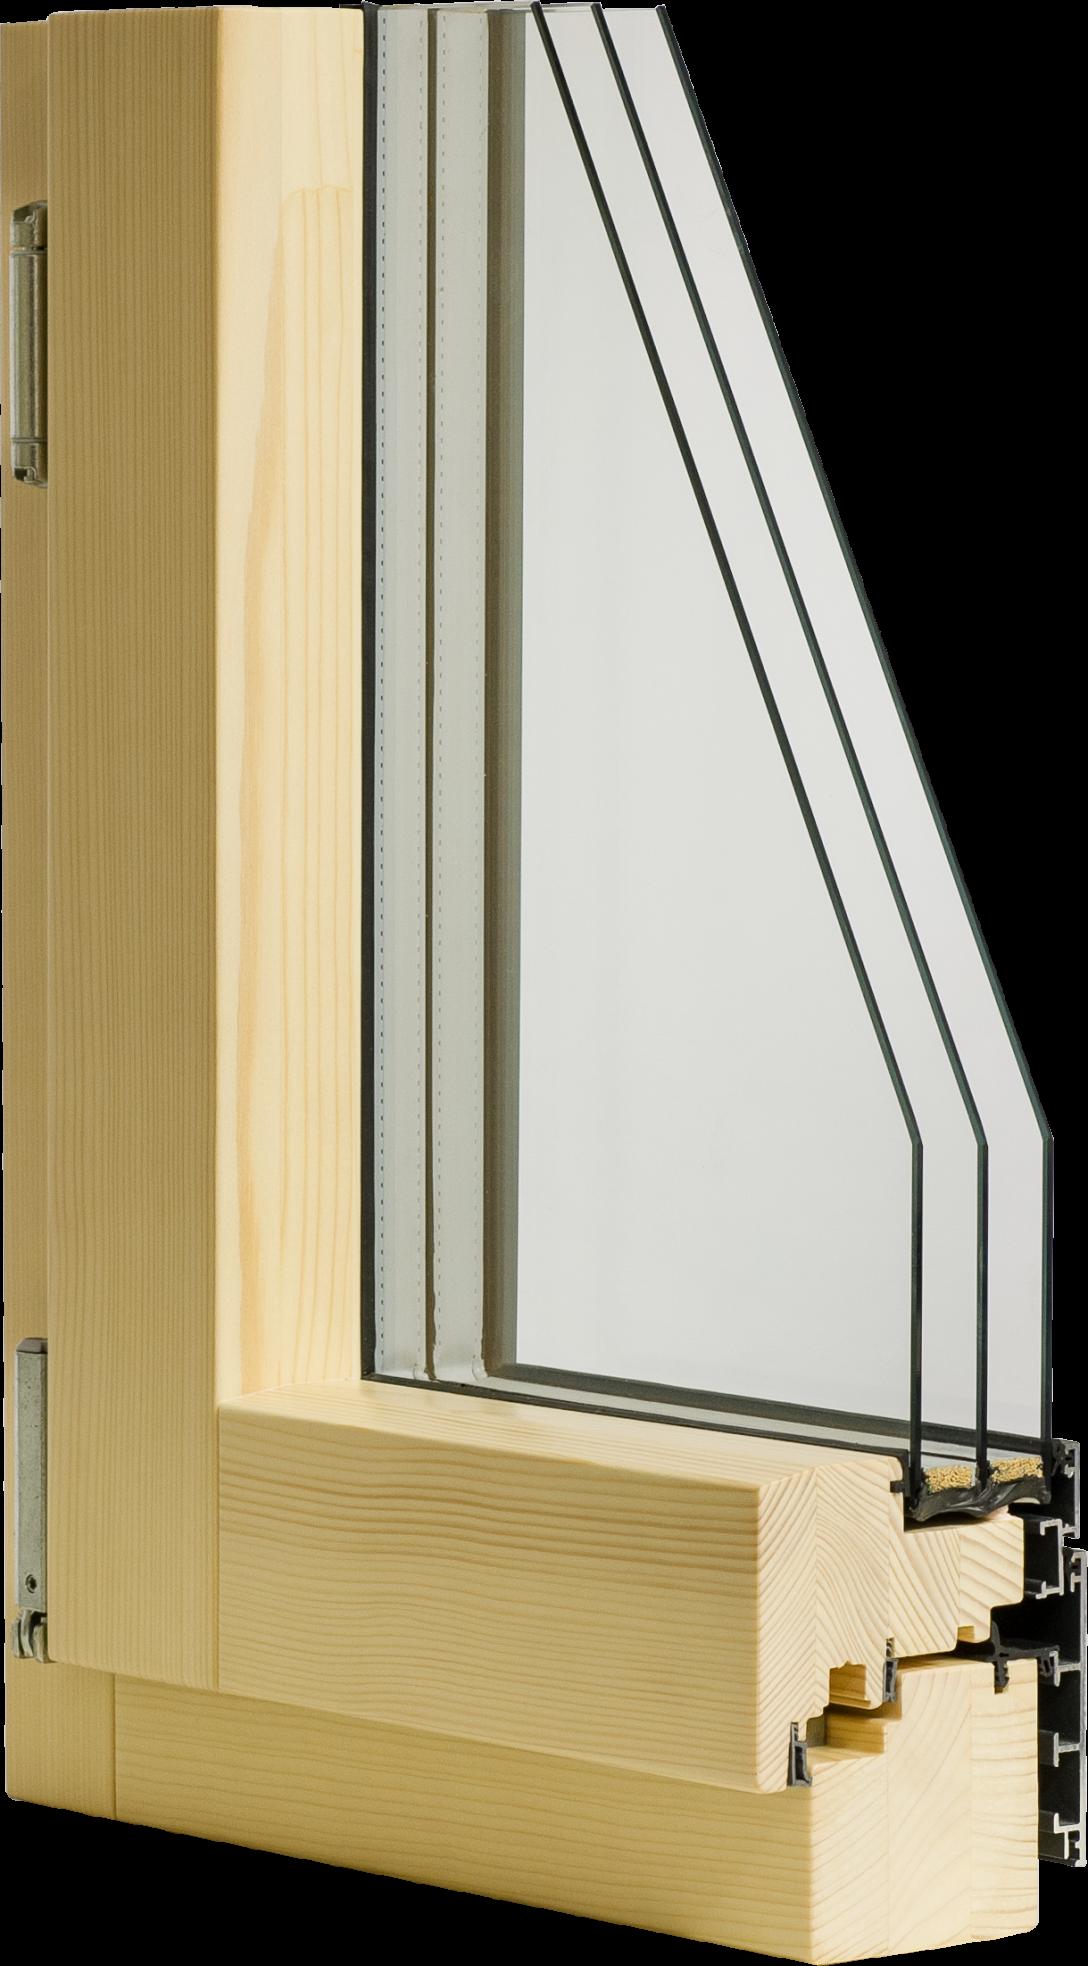 Large Size of Alu Fenster Holz Mit 3 Fach Verglasung Auen Flchenbndig Weru Insektenschutz Trocal Für Sichtschutz 120x120 Online Konfigurator Pvc Sicherheitsfolie Fenster Alu Fenster